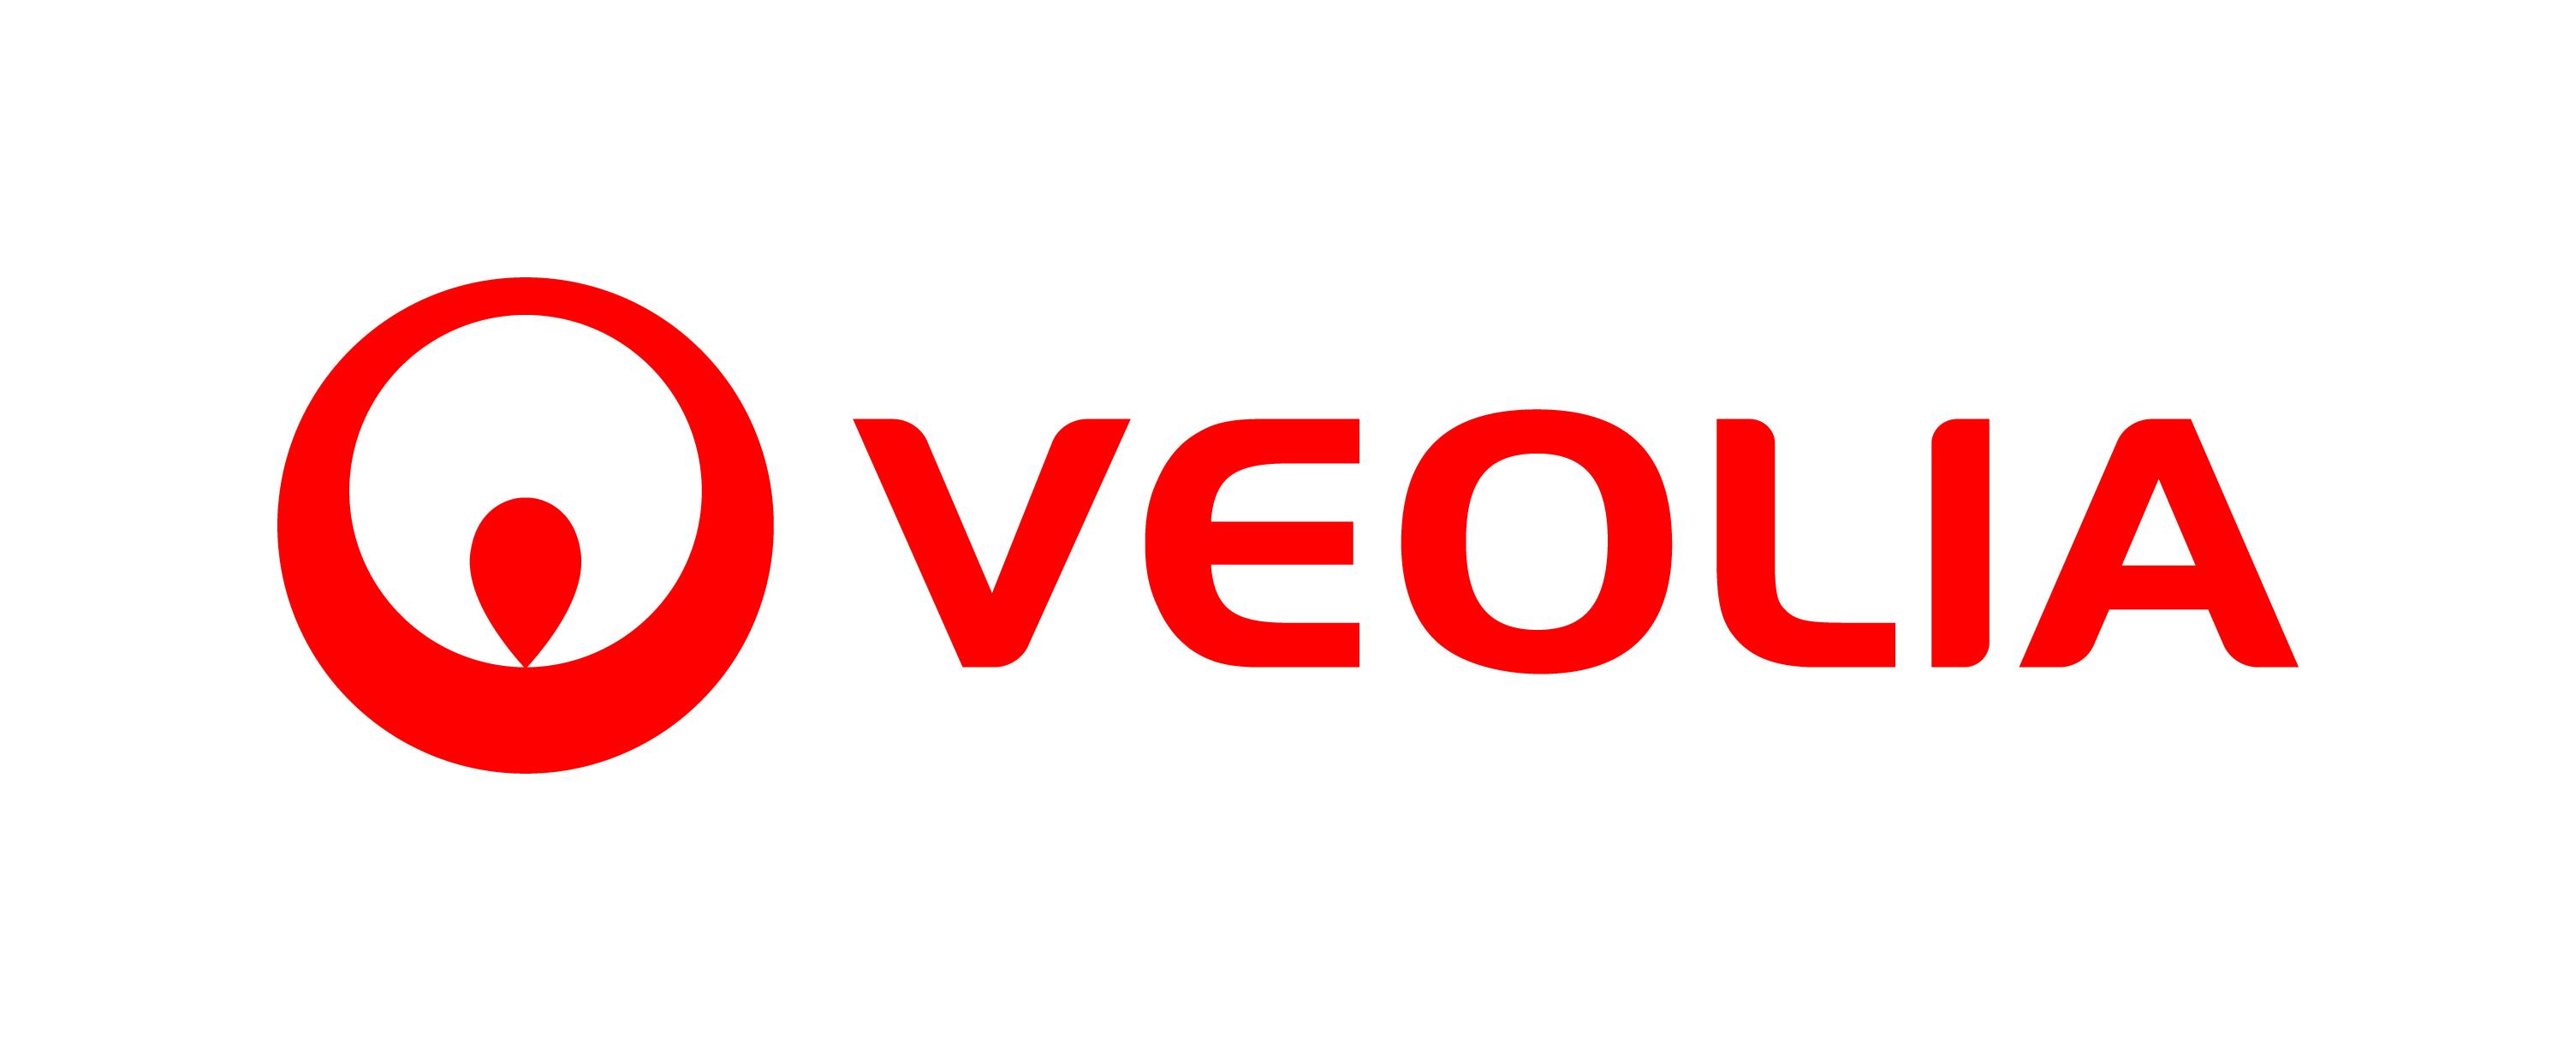 VEOLIA (CEO)